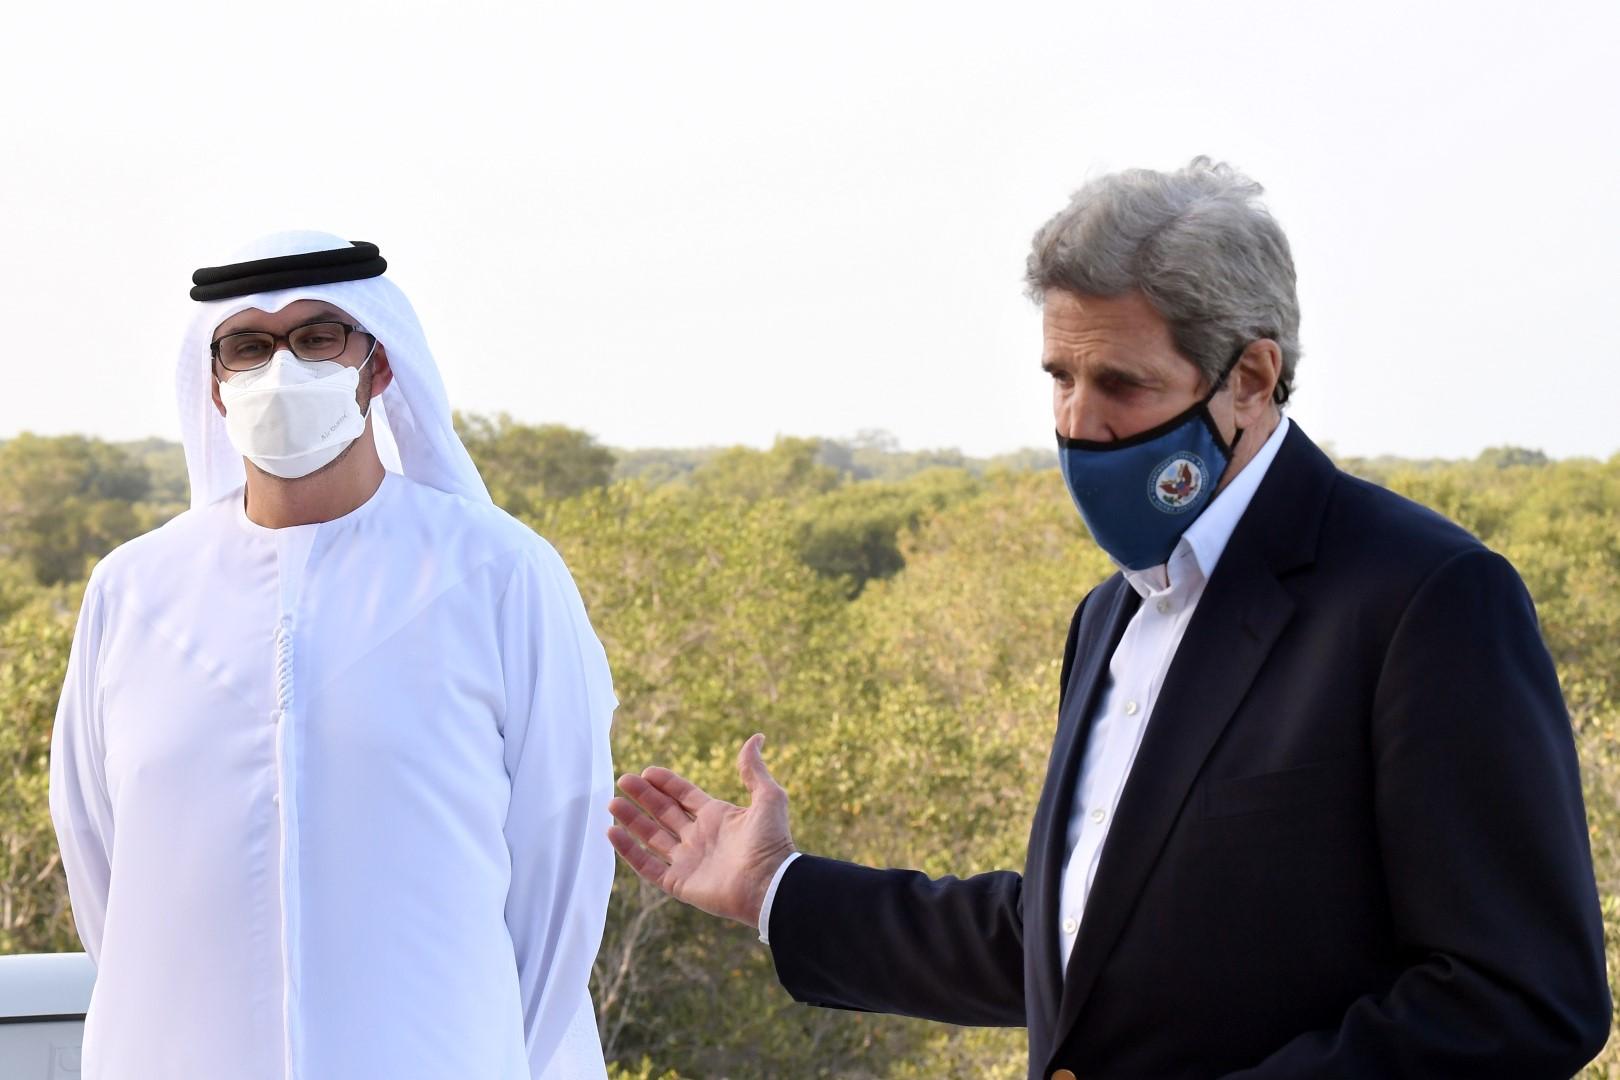 المبعوث الرئاسي الأميركي لشؤون تغيّر المناخ يزور عدداً من المشاريع والمبادرات الاستراتيجية في مجال الطاقة النظيفة في أبوظبي